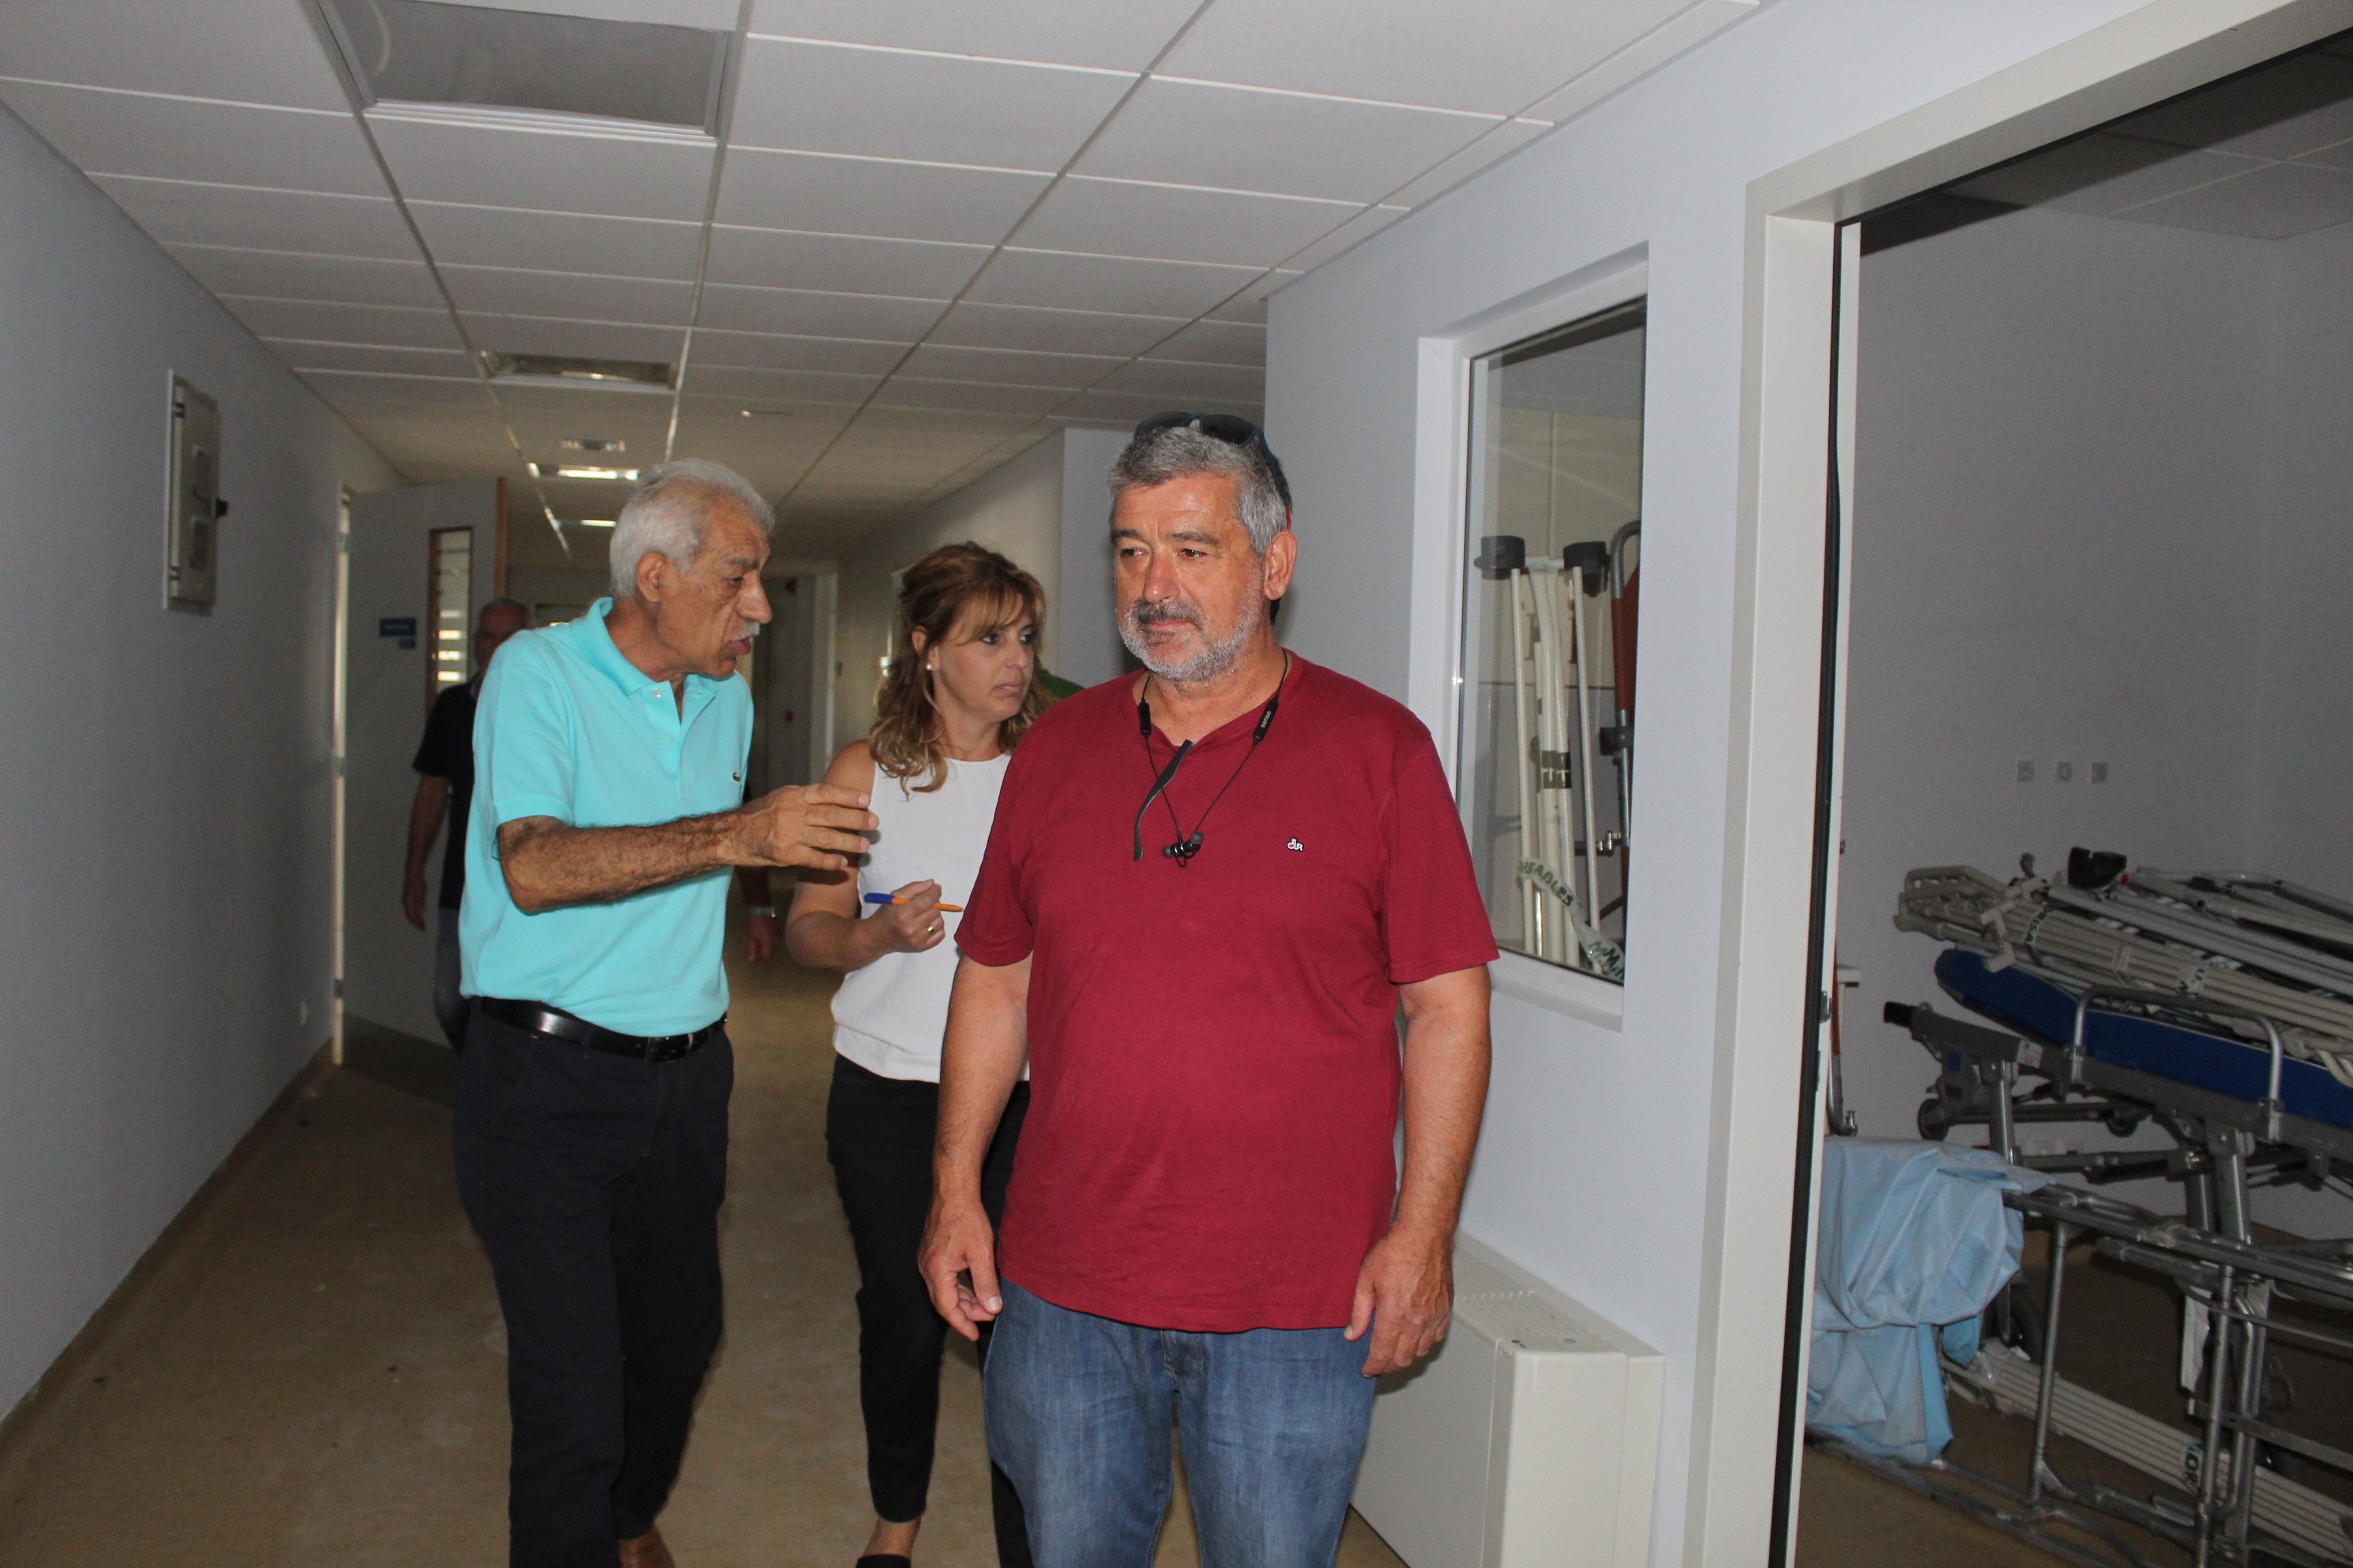 Δήμος Ήλιδας: Αυτοψίες του Δημάρχου Γιάννη Λυμπέρη σε υπό εκτέλεση έργα- «Τρέχει» για την τήρηση των δεσμεύσεων (photos)